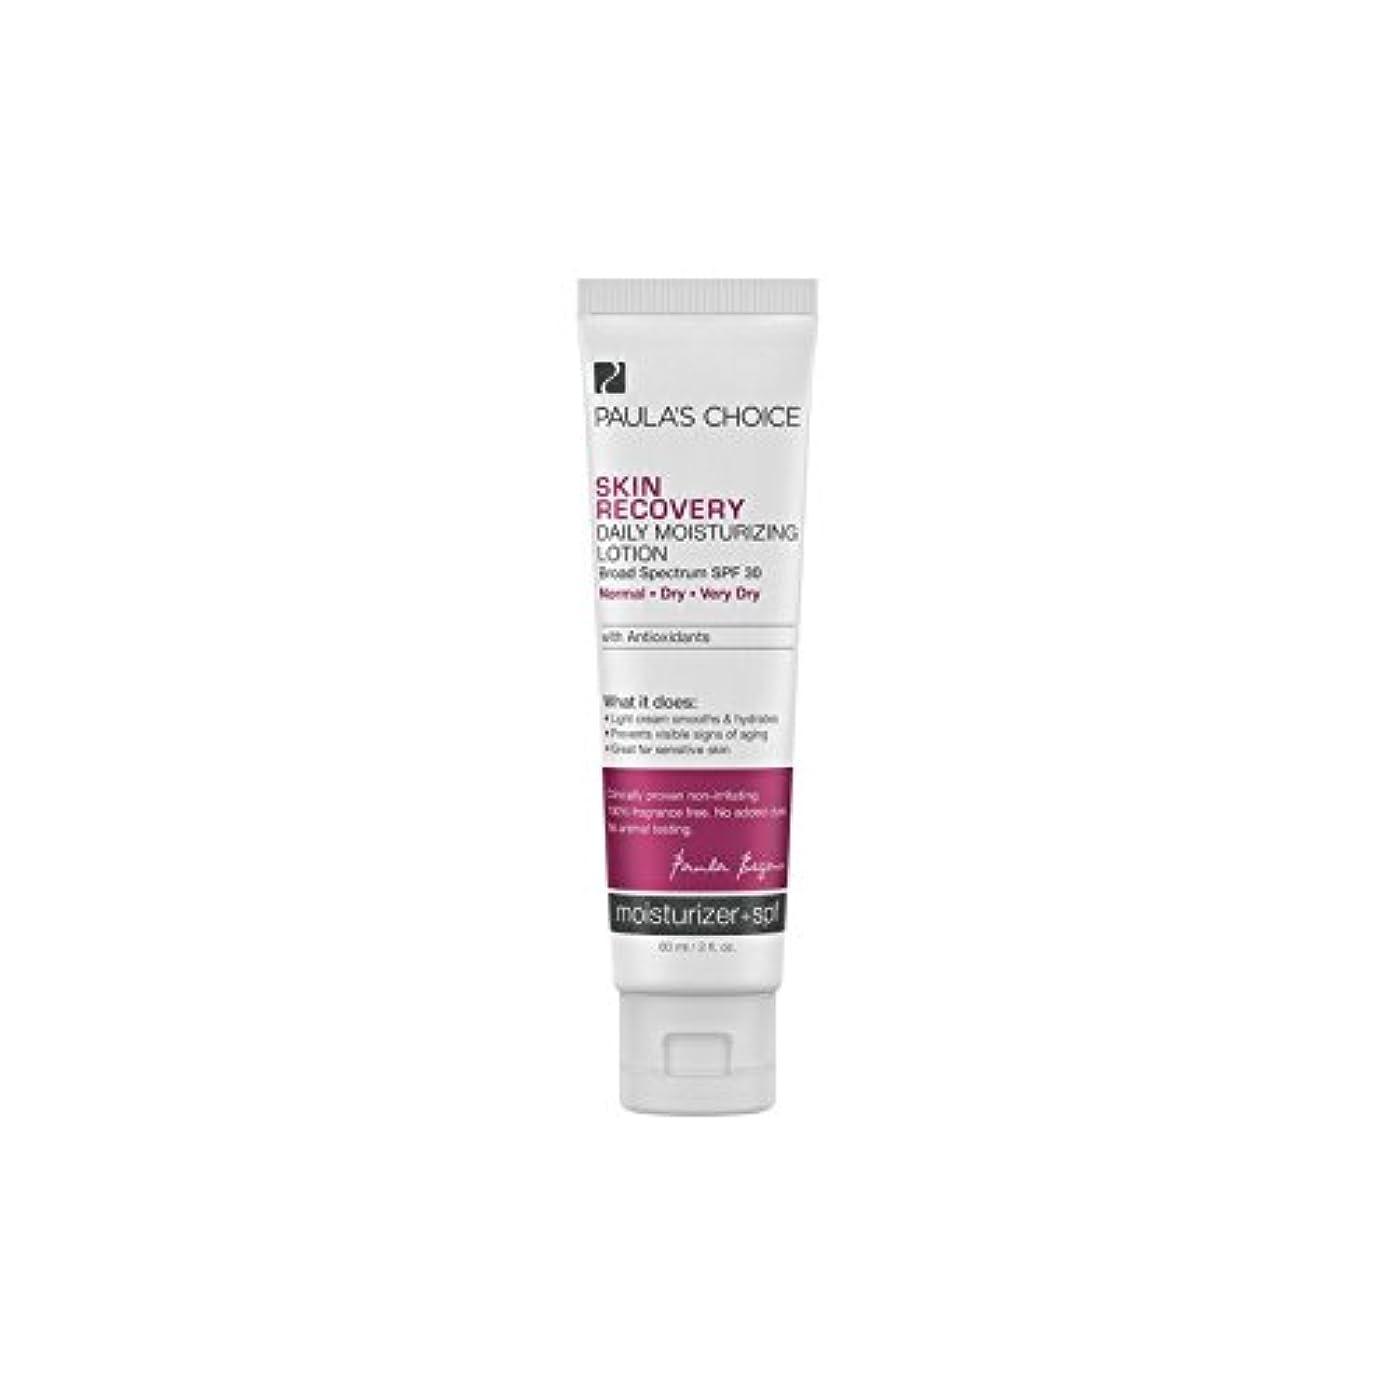 失業者遺伝子息切れPaula's Choice Skin Recovery Daily Moisturizing Lotion Spf30 (60ml) (Pack of 6) - ポーラチョイスの肌の回復毎日の保湿ローション30(60ミリリットル...